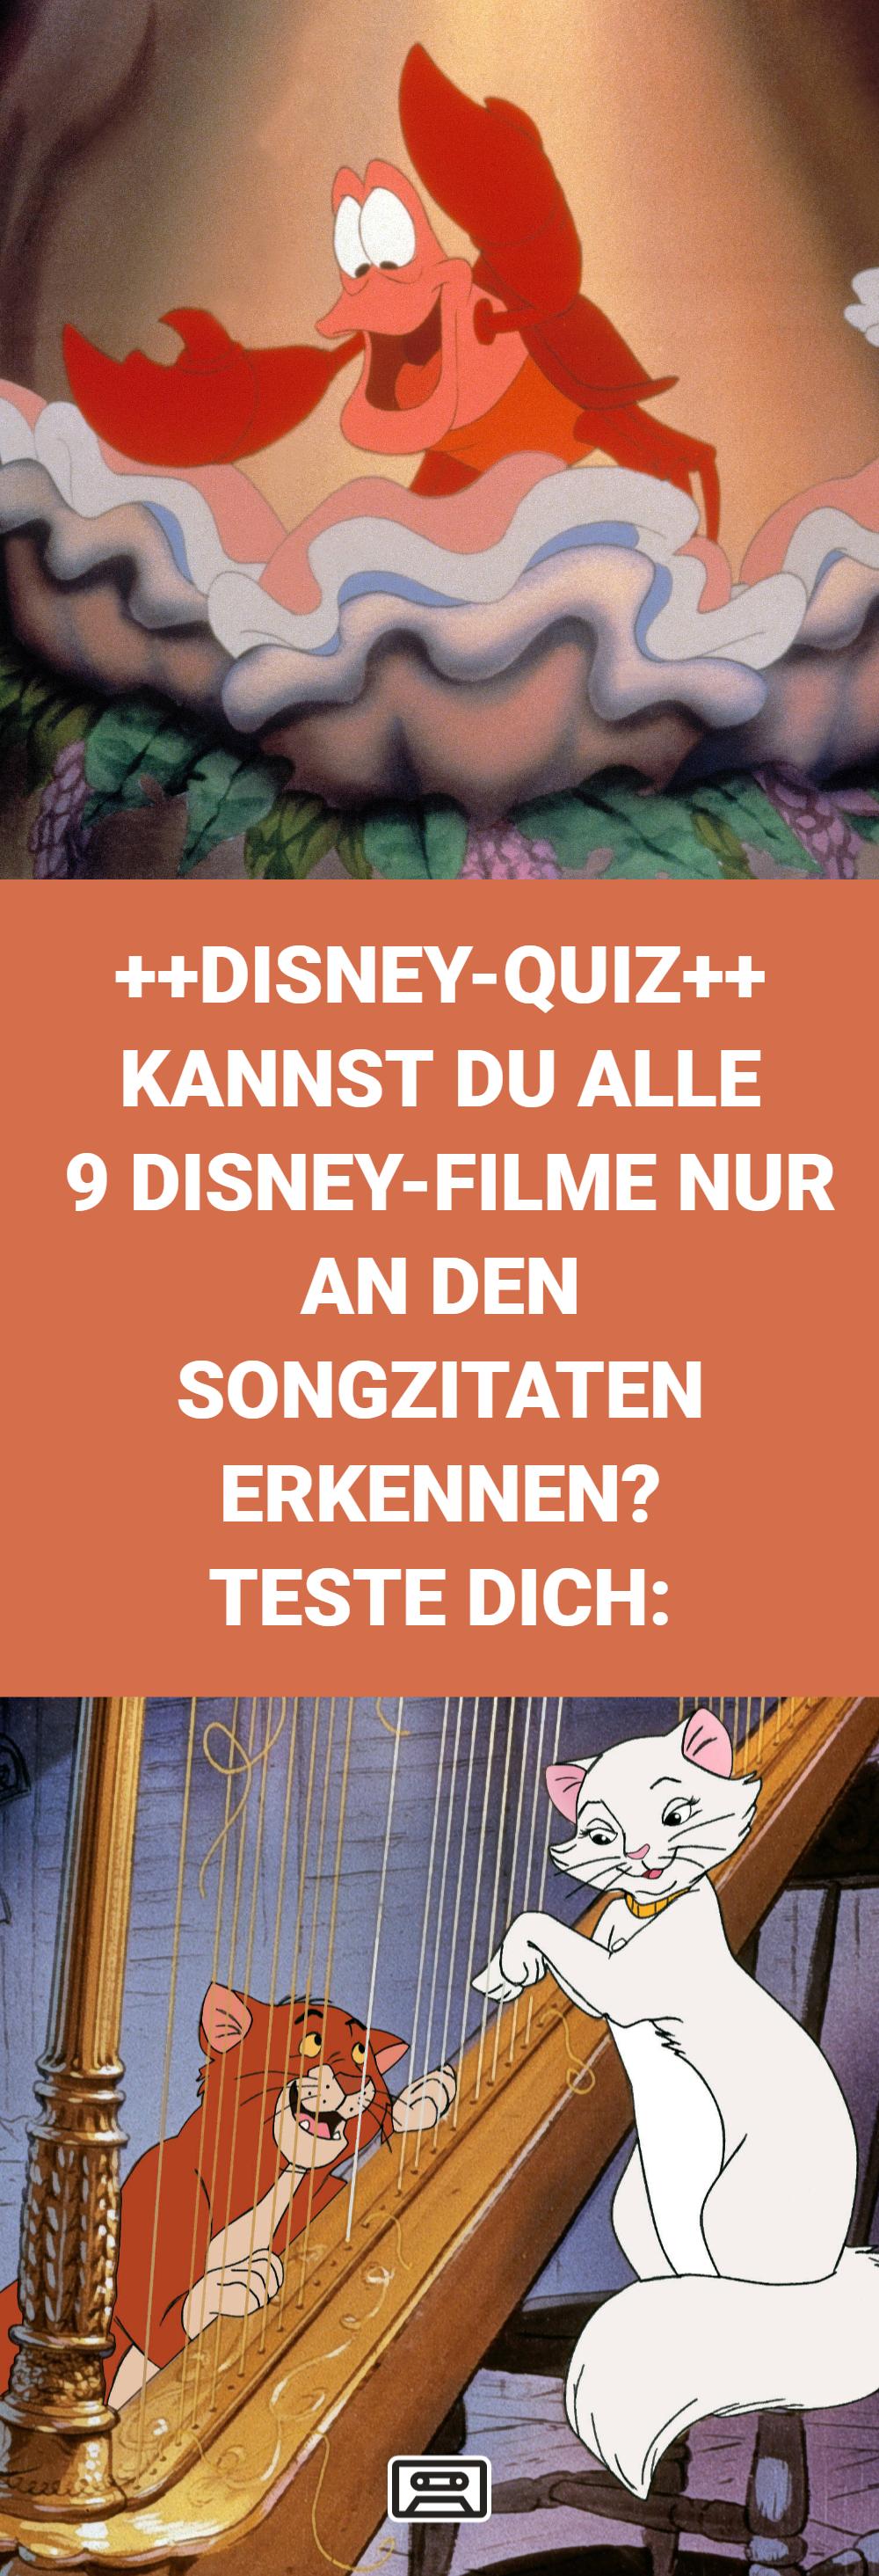 Jeder kennt die Lieder aus den Disney-Filmen! Allein schon